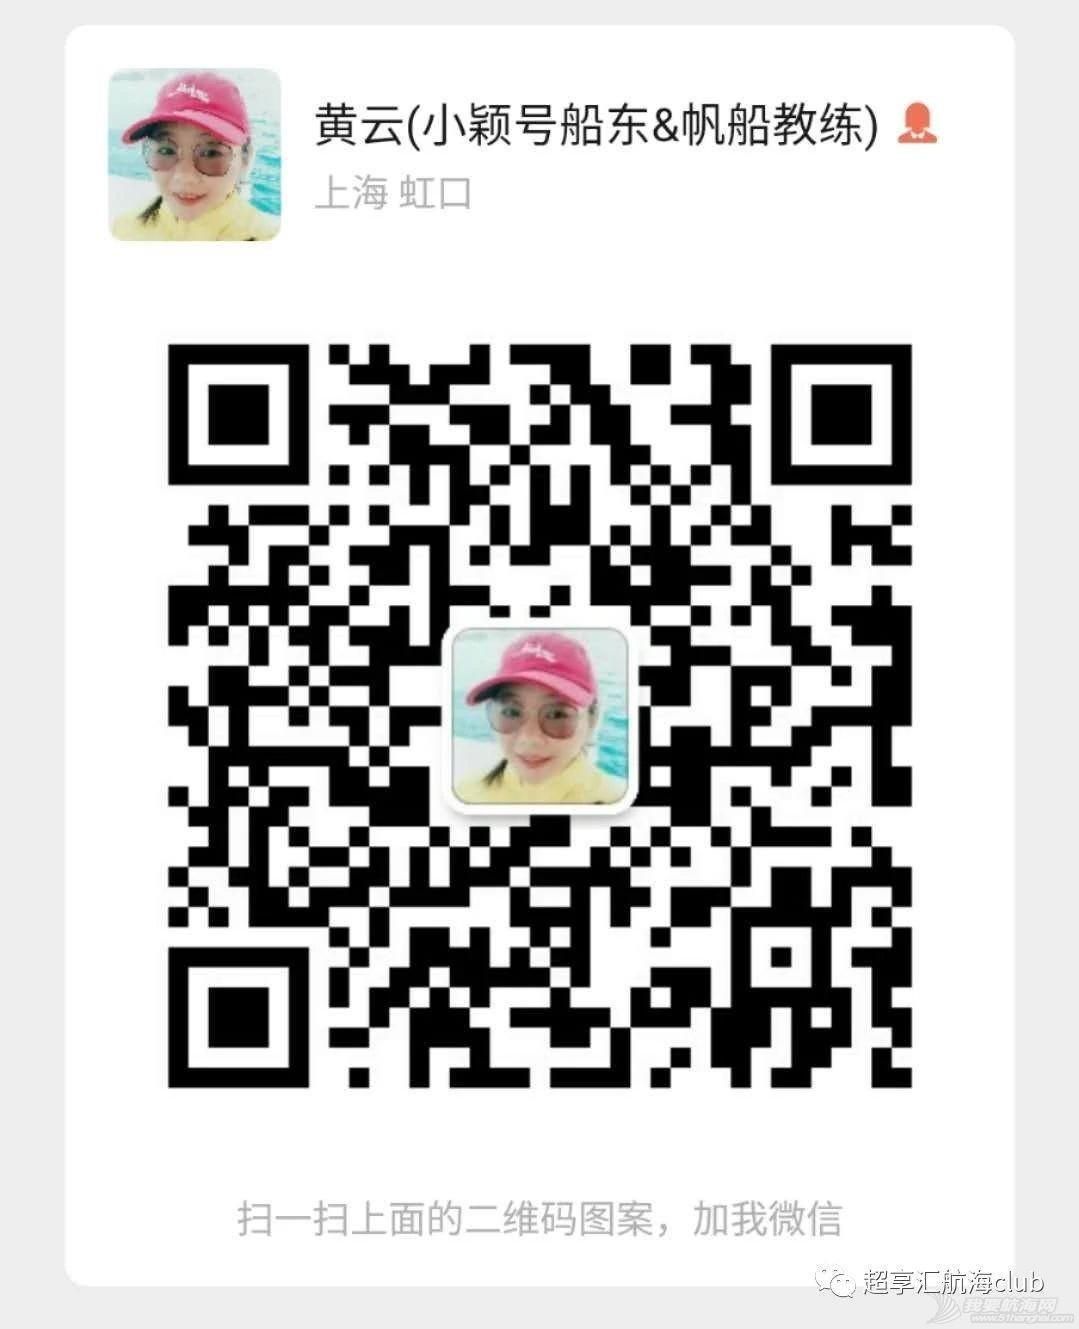 微信图片_20200629134909.jpg